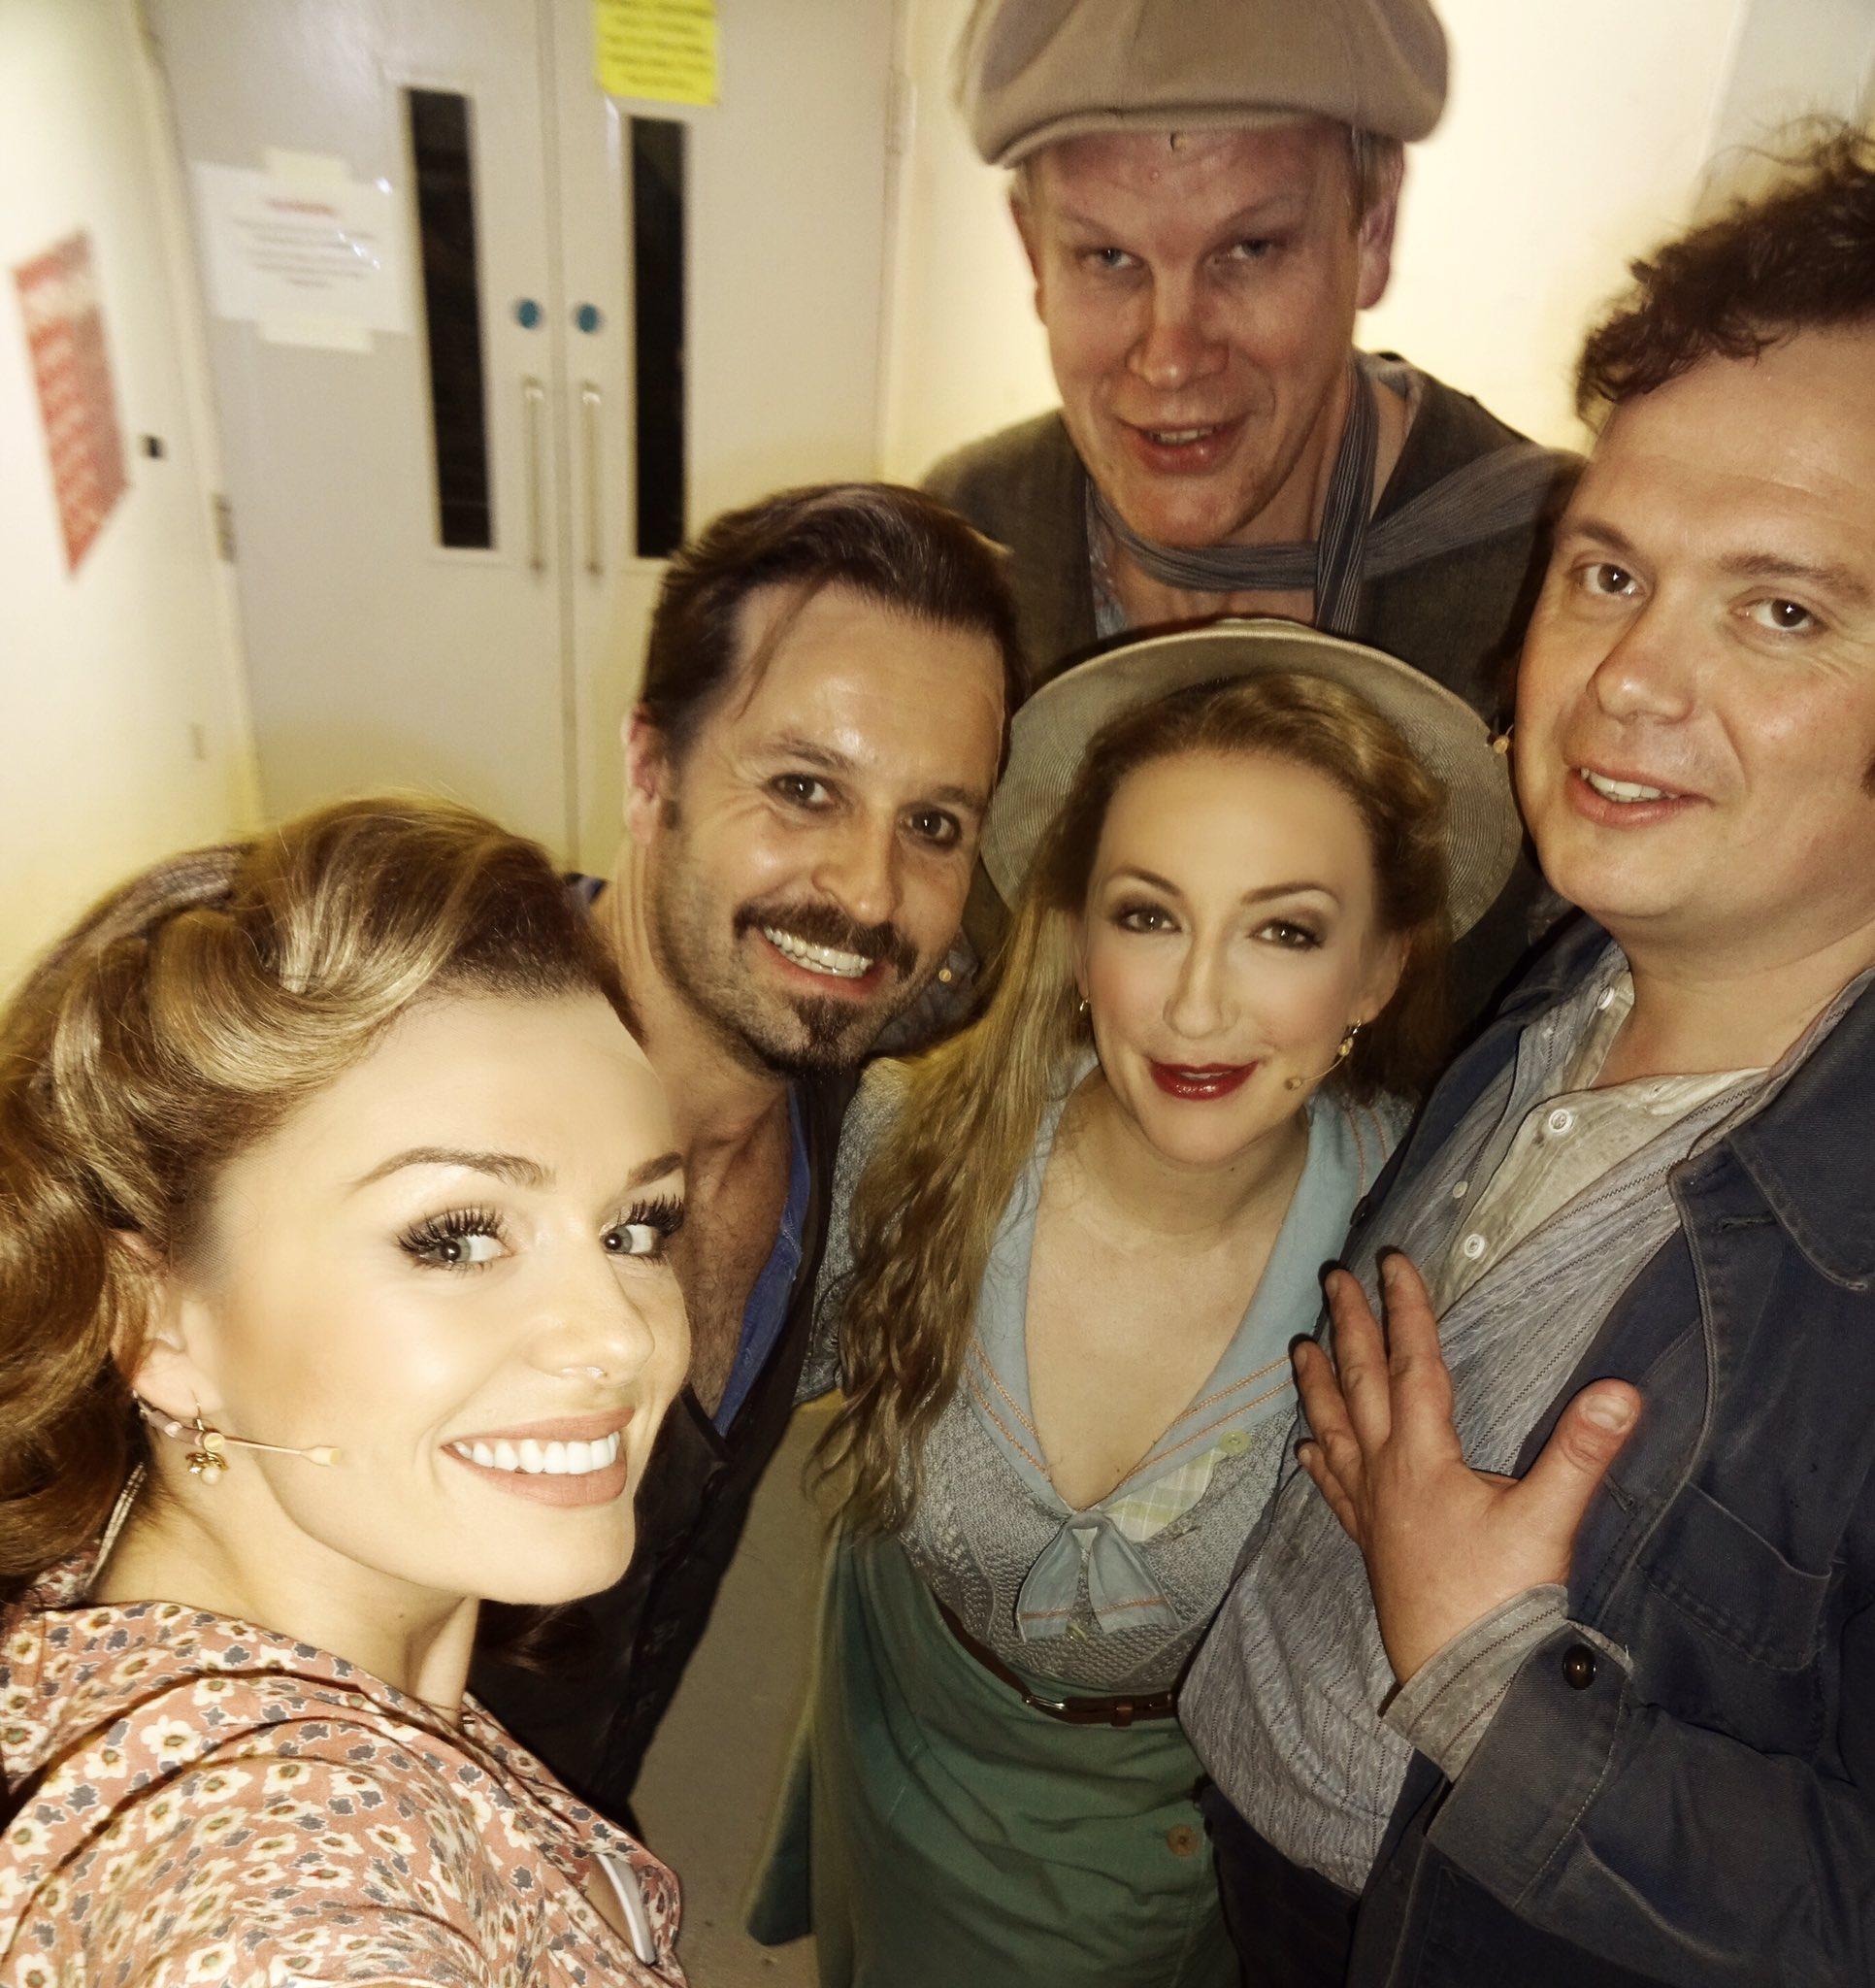 Backstage selfie... @alexdeboo @AlfieBoe @gspok @dandycricket #Carousel https://t.co/lKNU8oKRV9